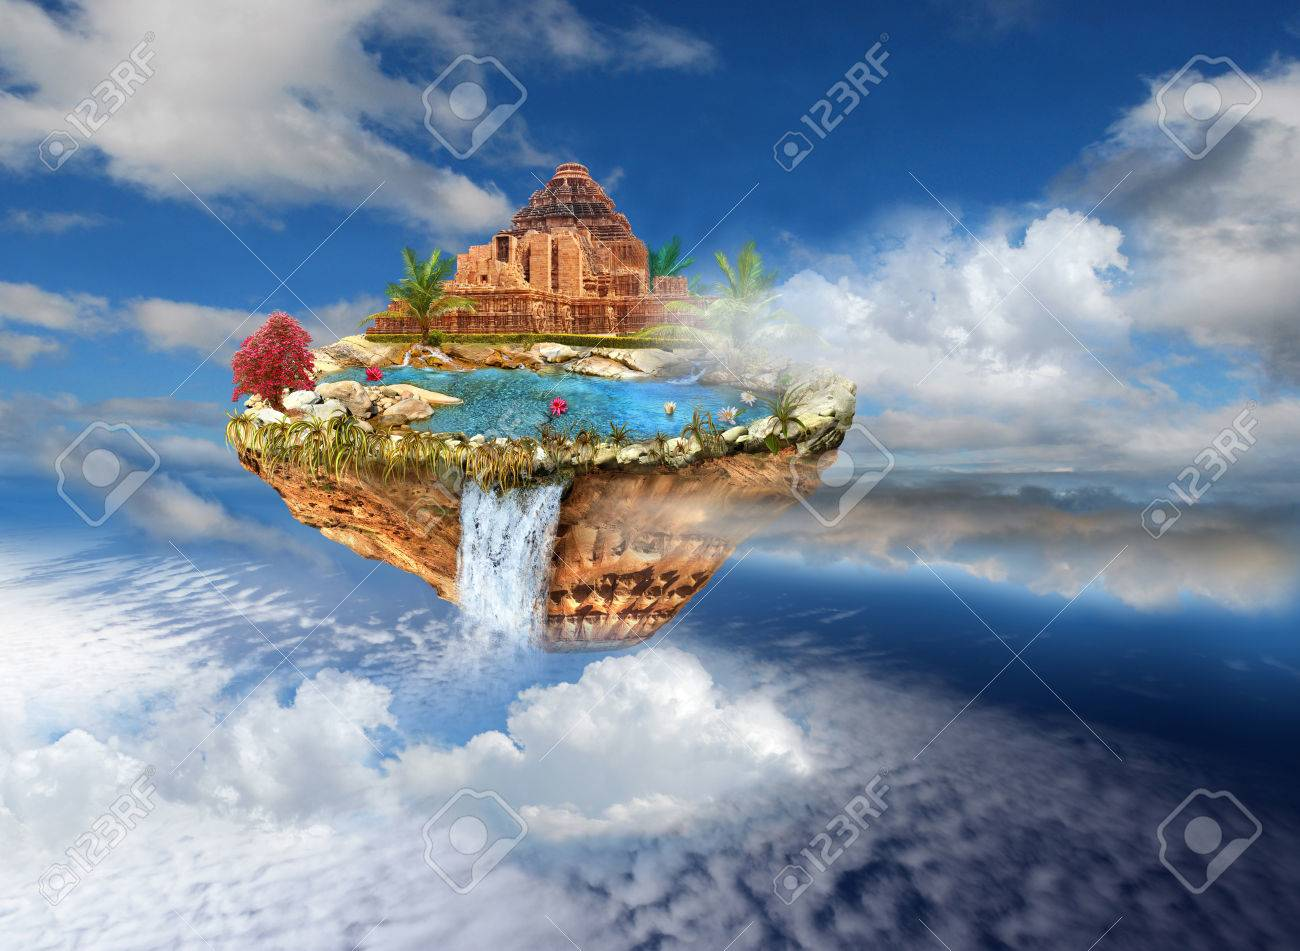 Ile Volante ancien temple du soleil et le lac sur l'île volante flottant dans